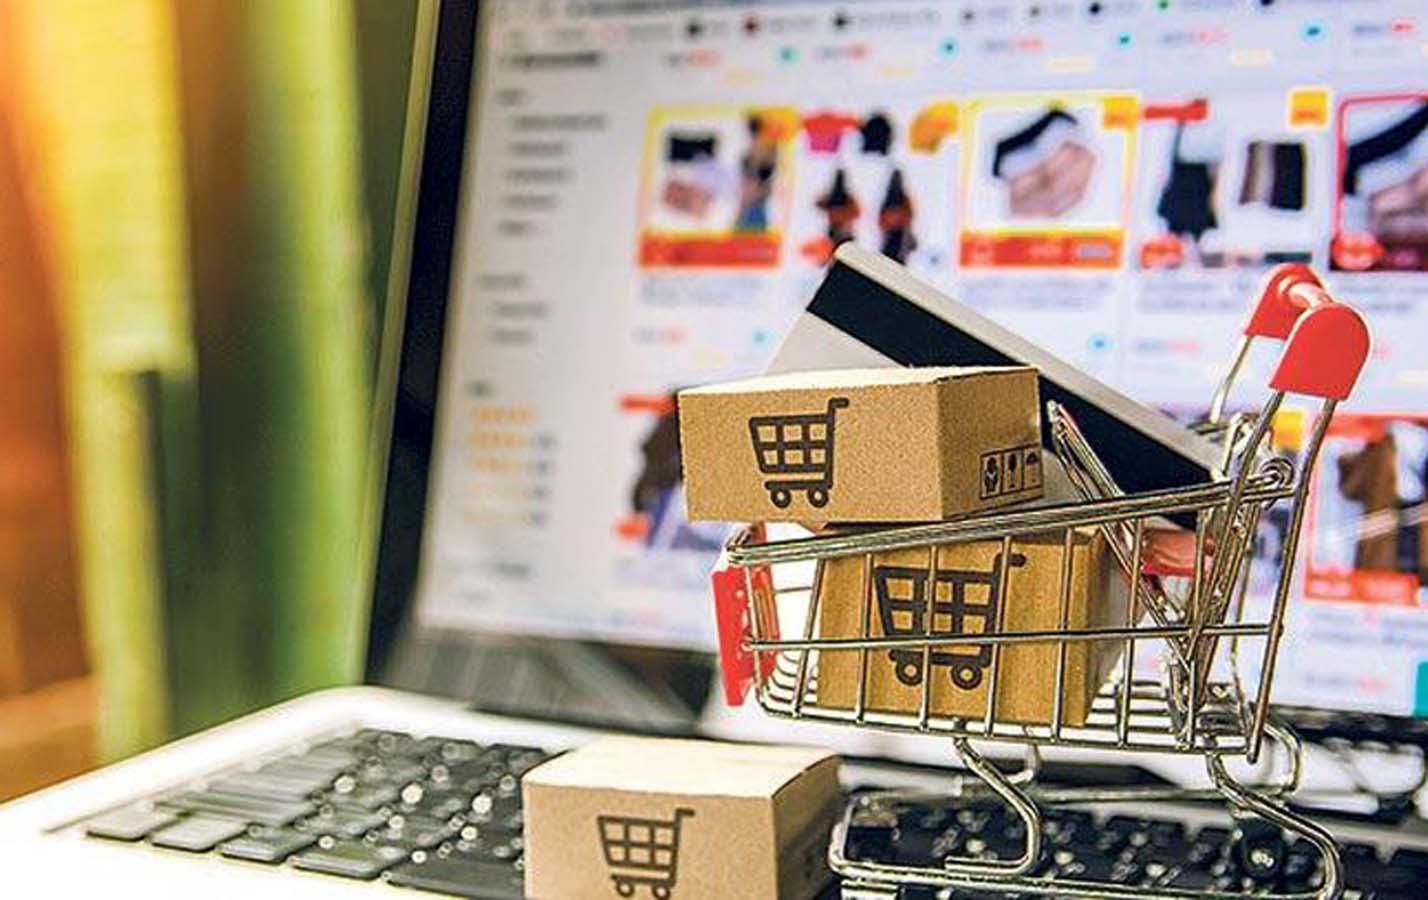 İnternetten gıda alışverişi yapanların dikkatine! Cayma hakkı yok